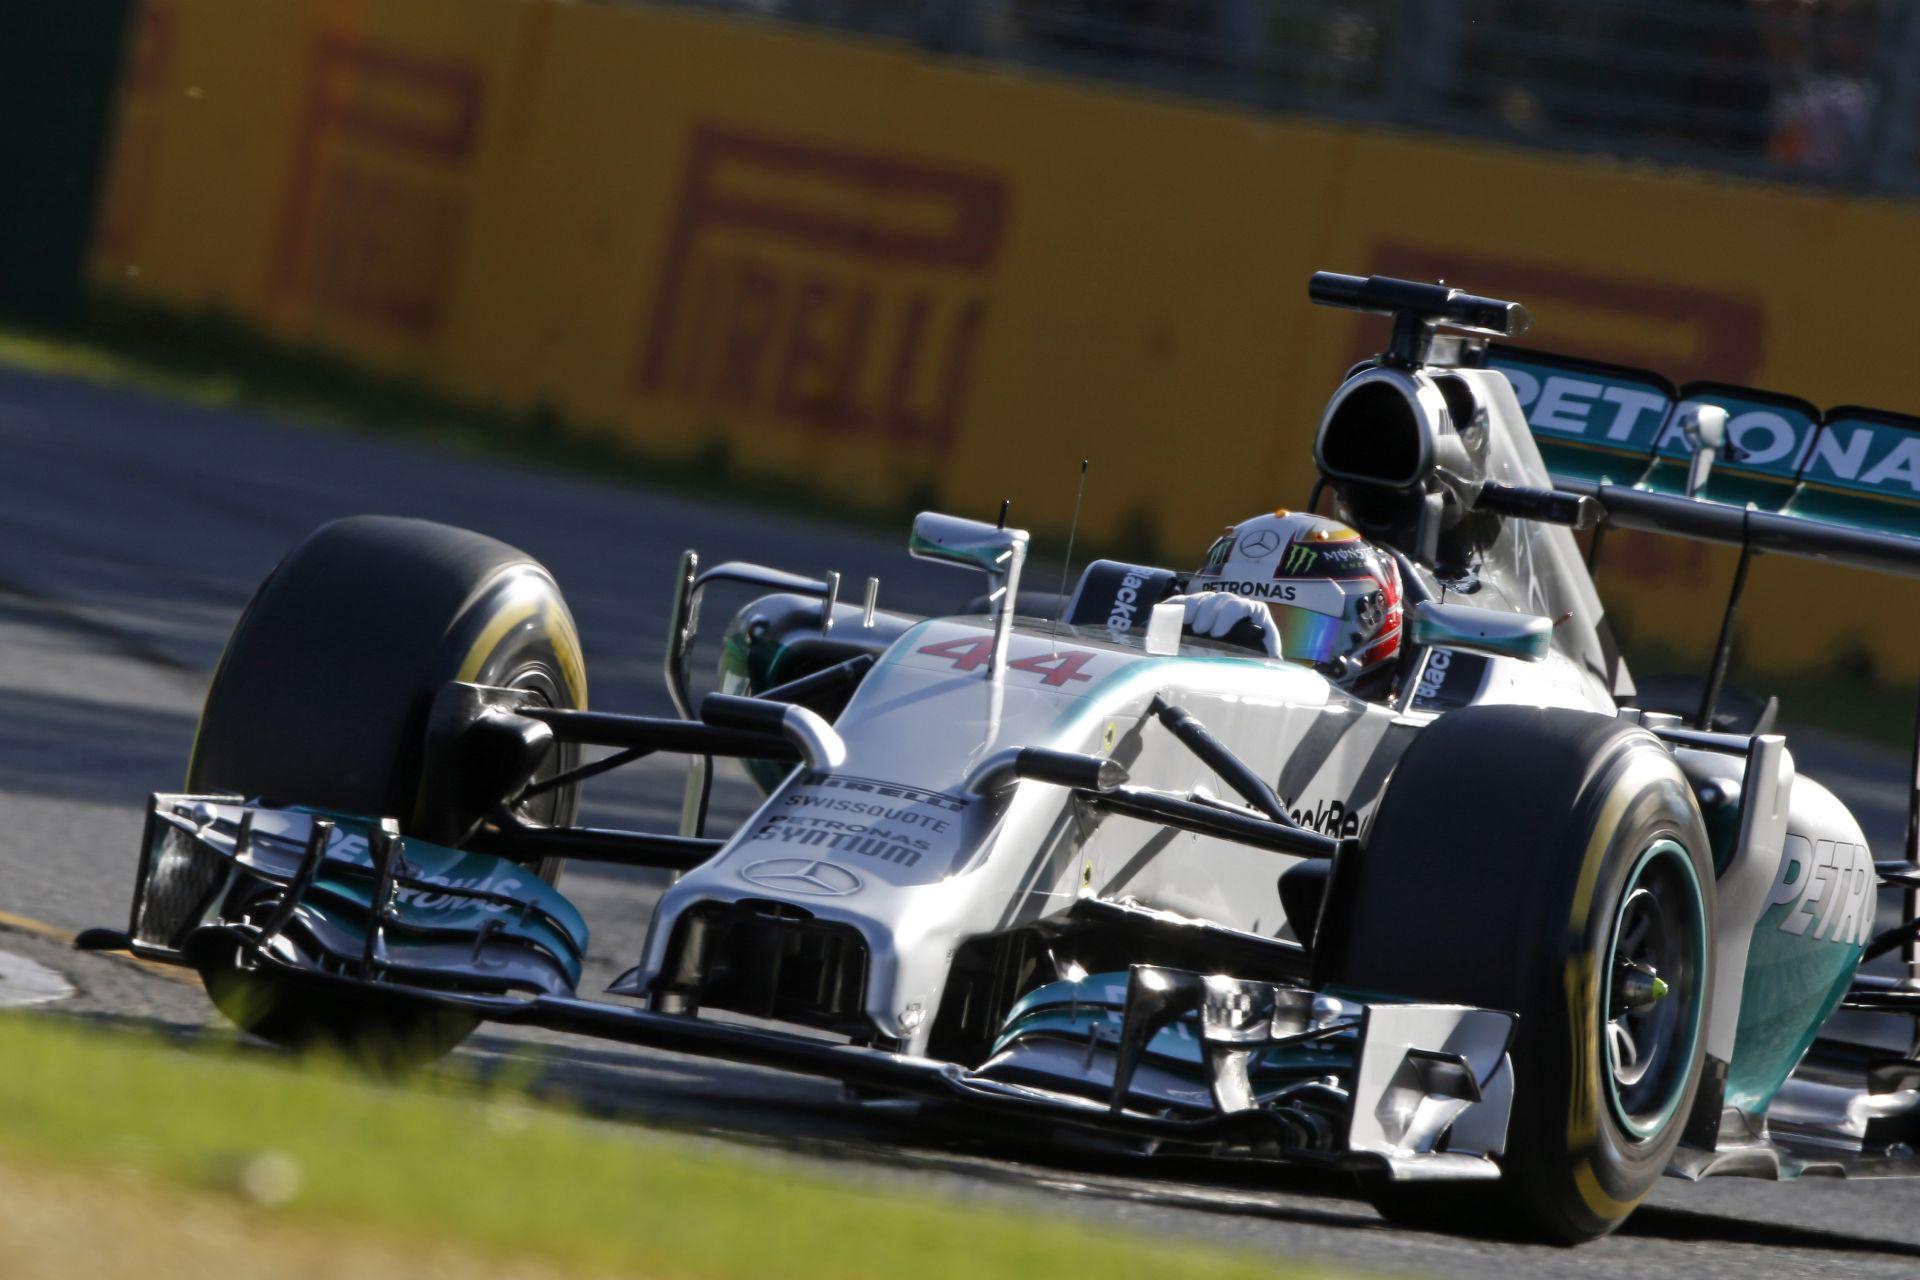 Hamilton és a 2014-es Mercedes: Onboard felvétel az Ausztrál Nagydíjról